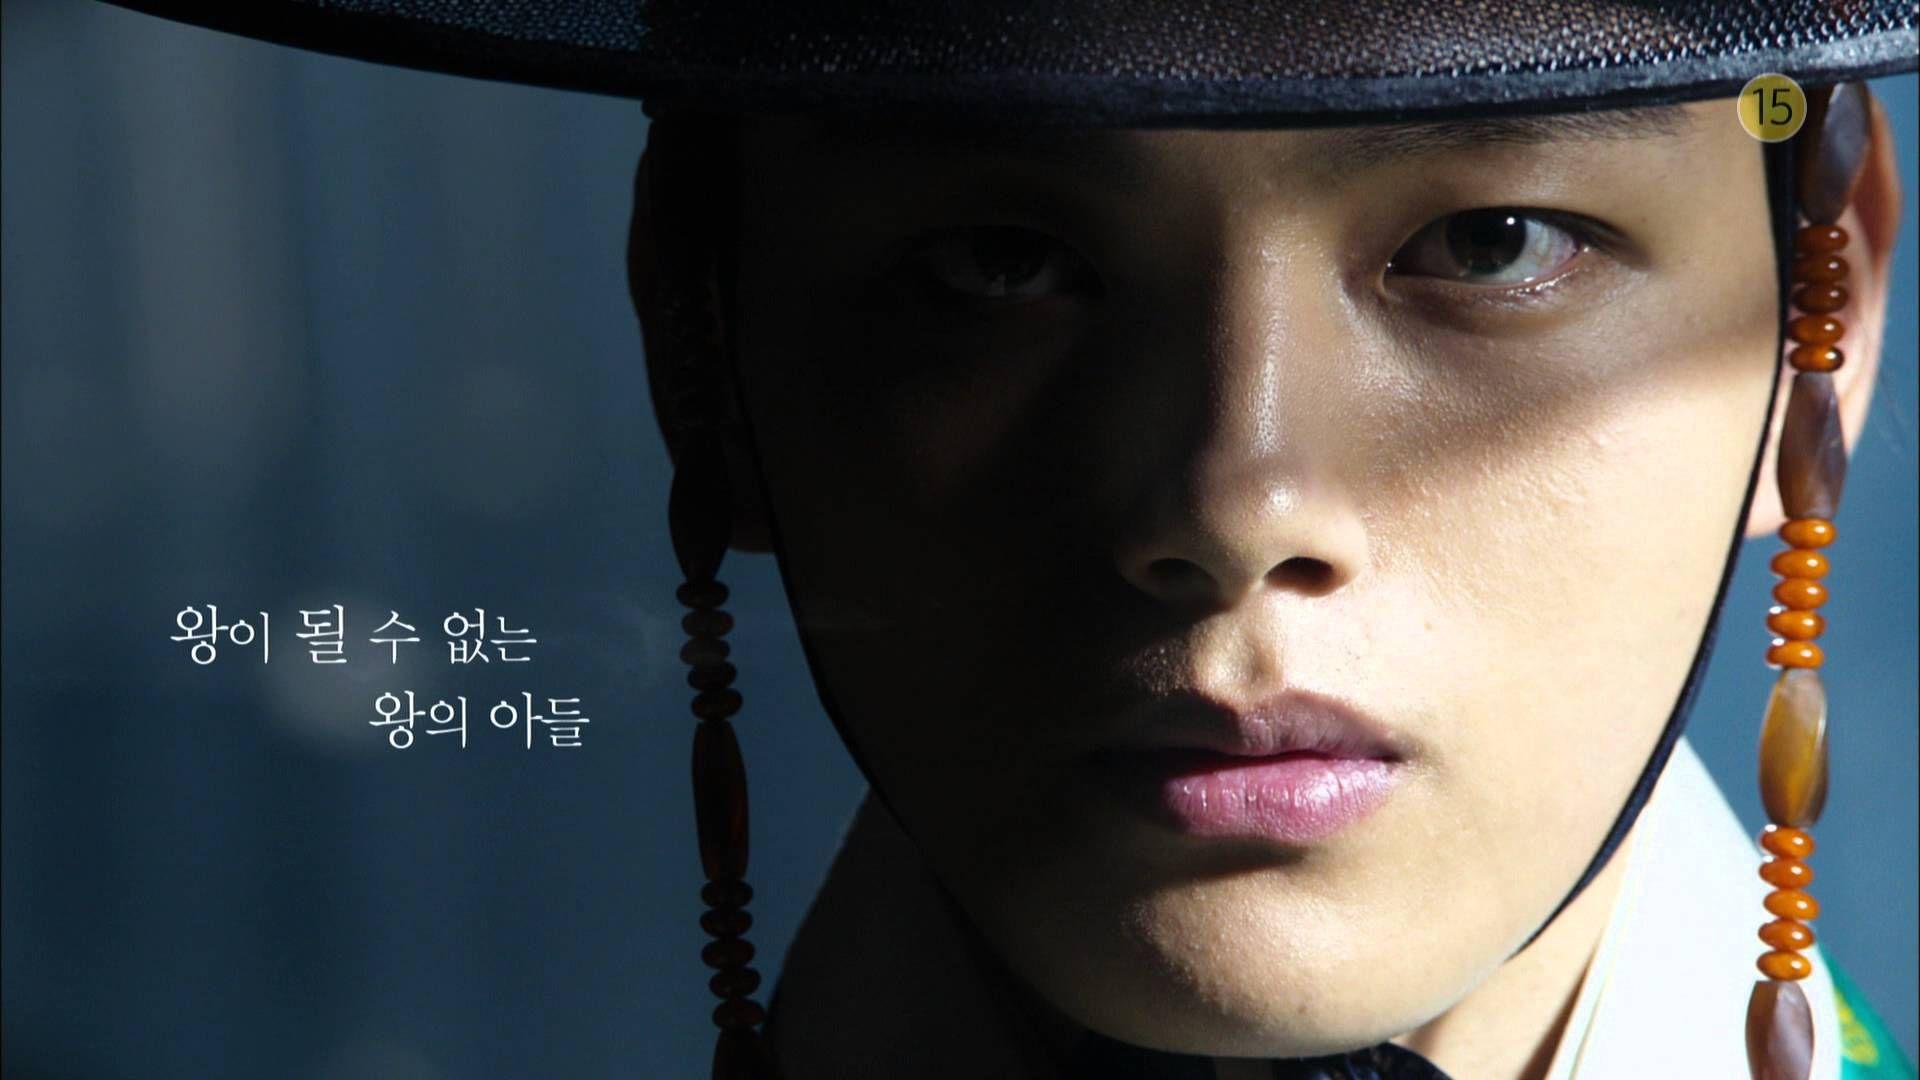 SBS [대박] 티저영상